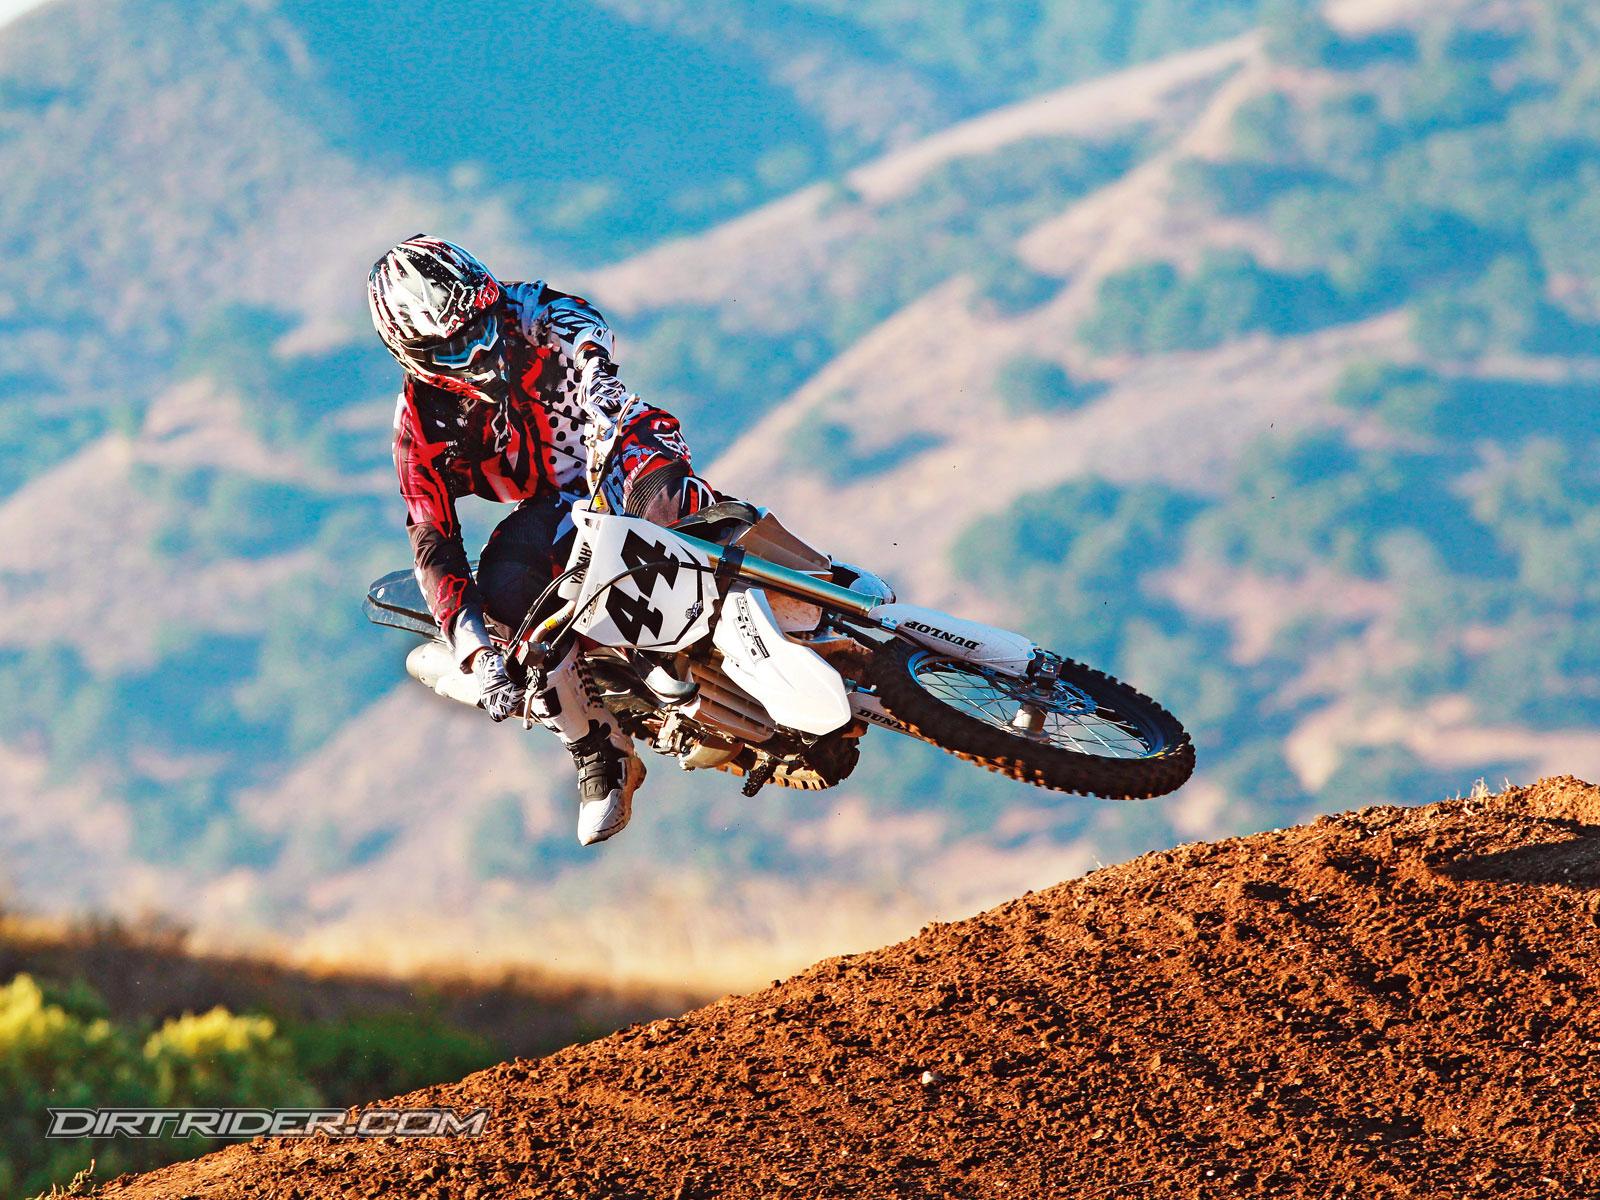 HD Dirt Bike Wallpapers